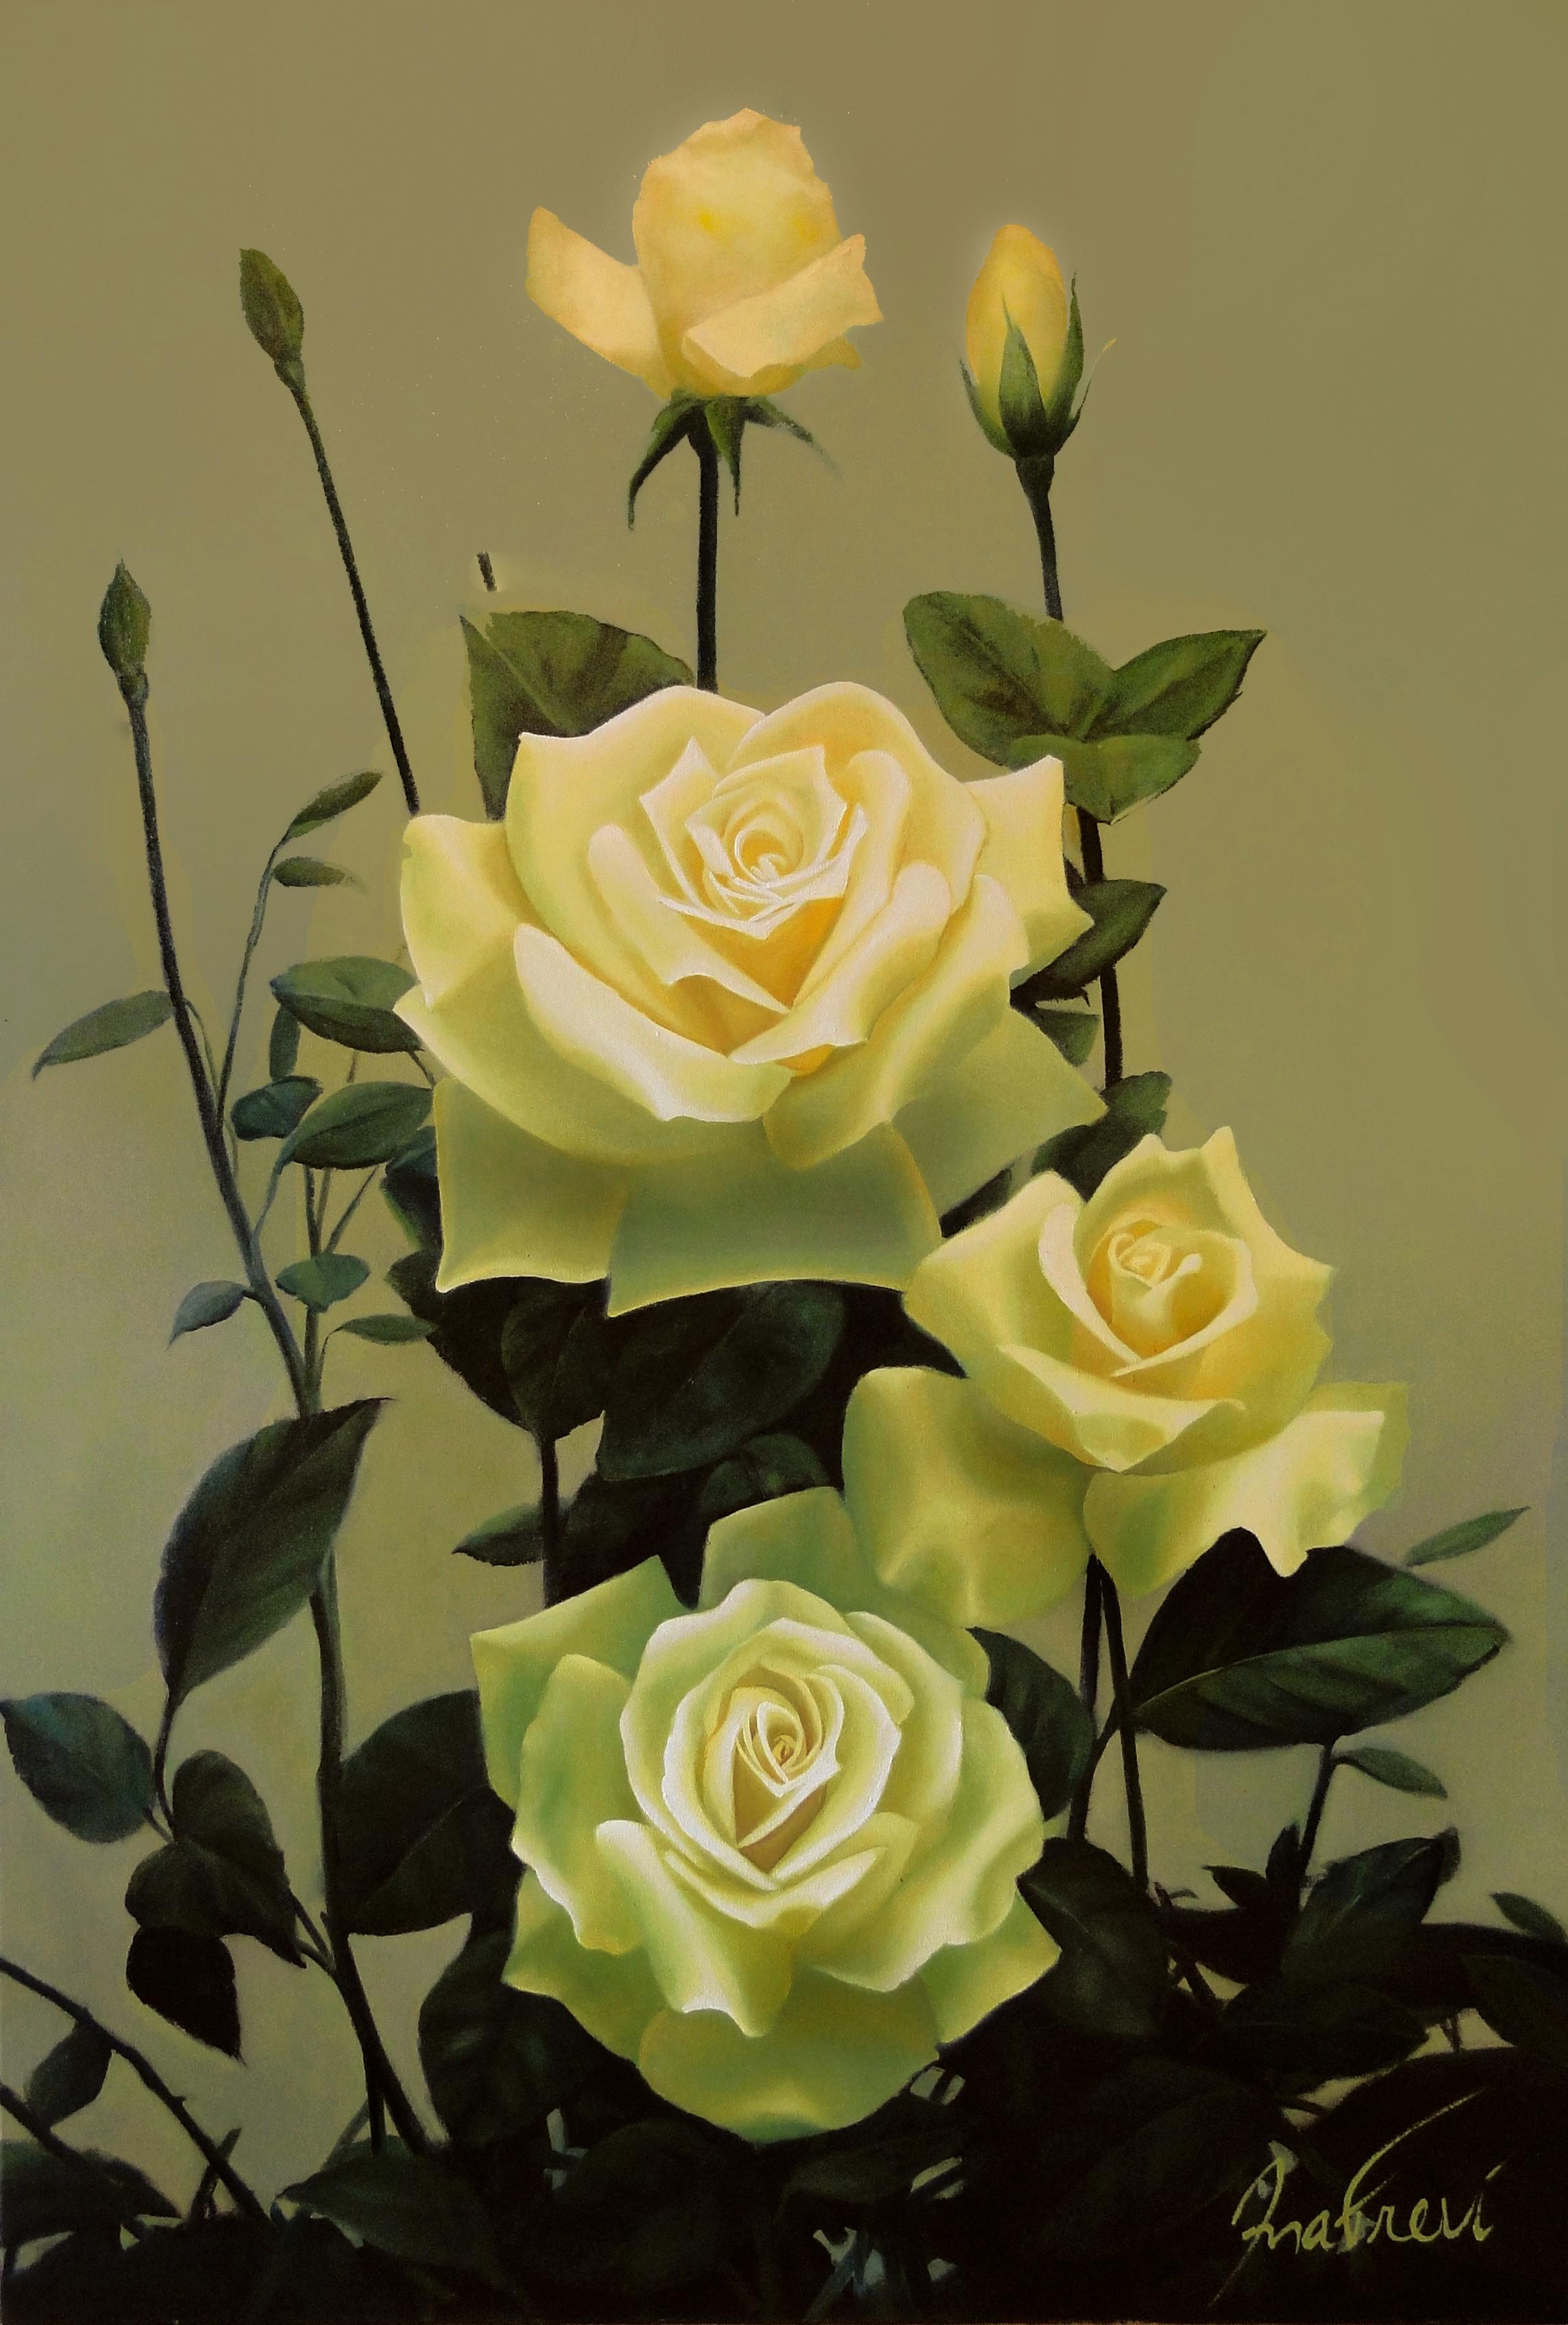 e6d23179c Carteira Floral Rosa Amarelo   Elo7